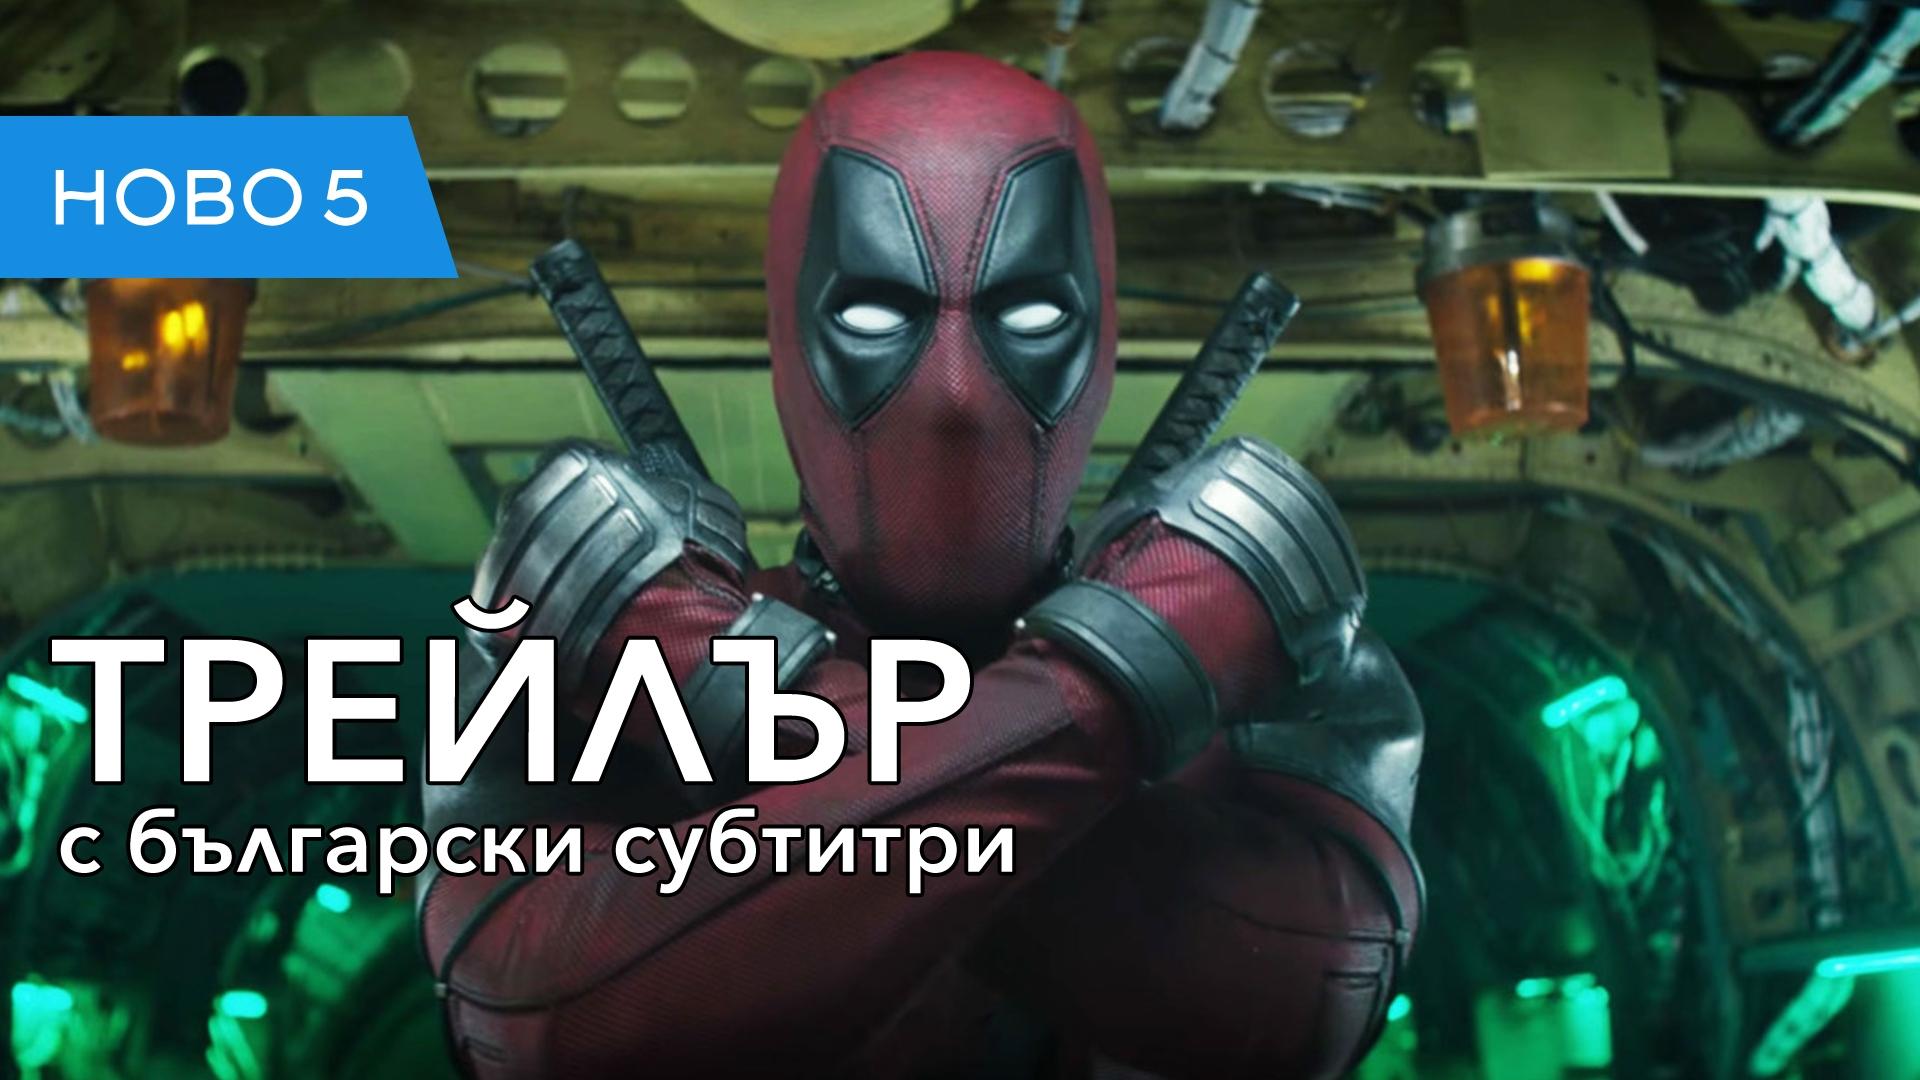 Дедпул 2 (2018) трейлър с български субтитри